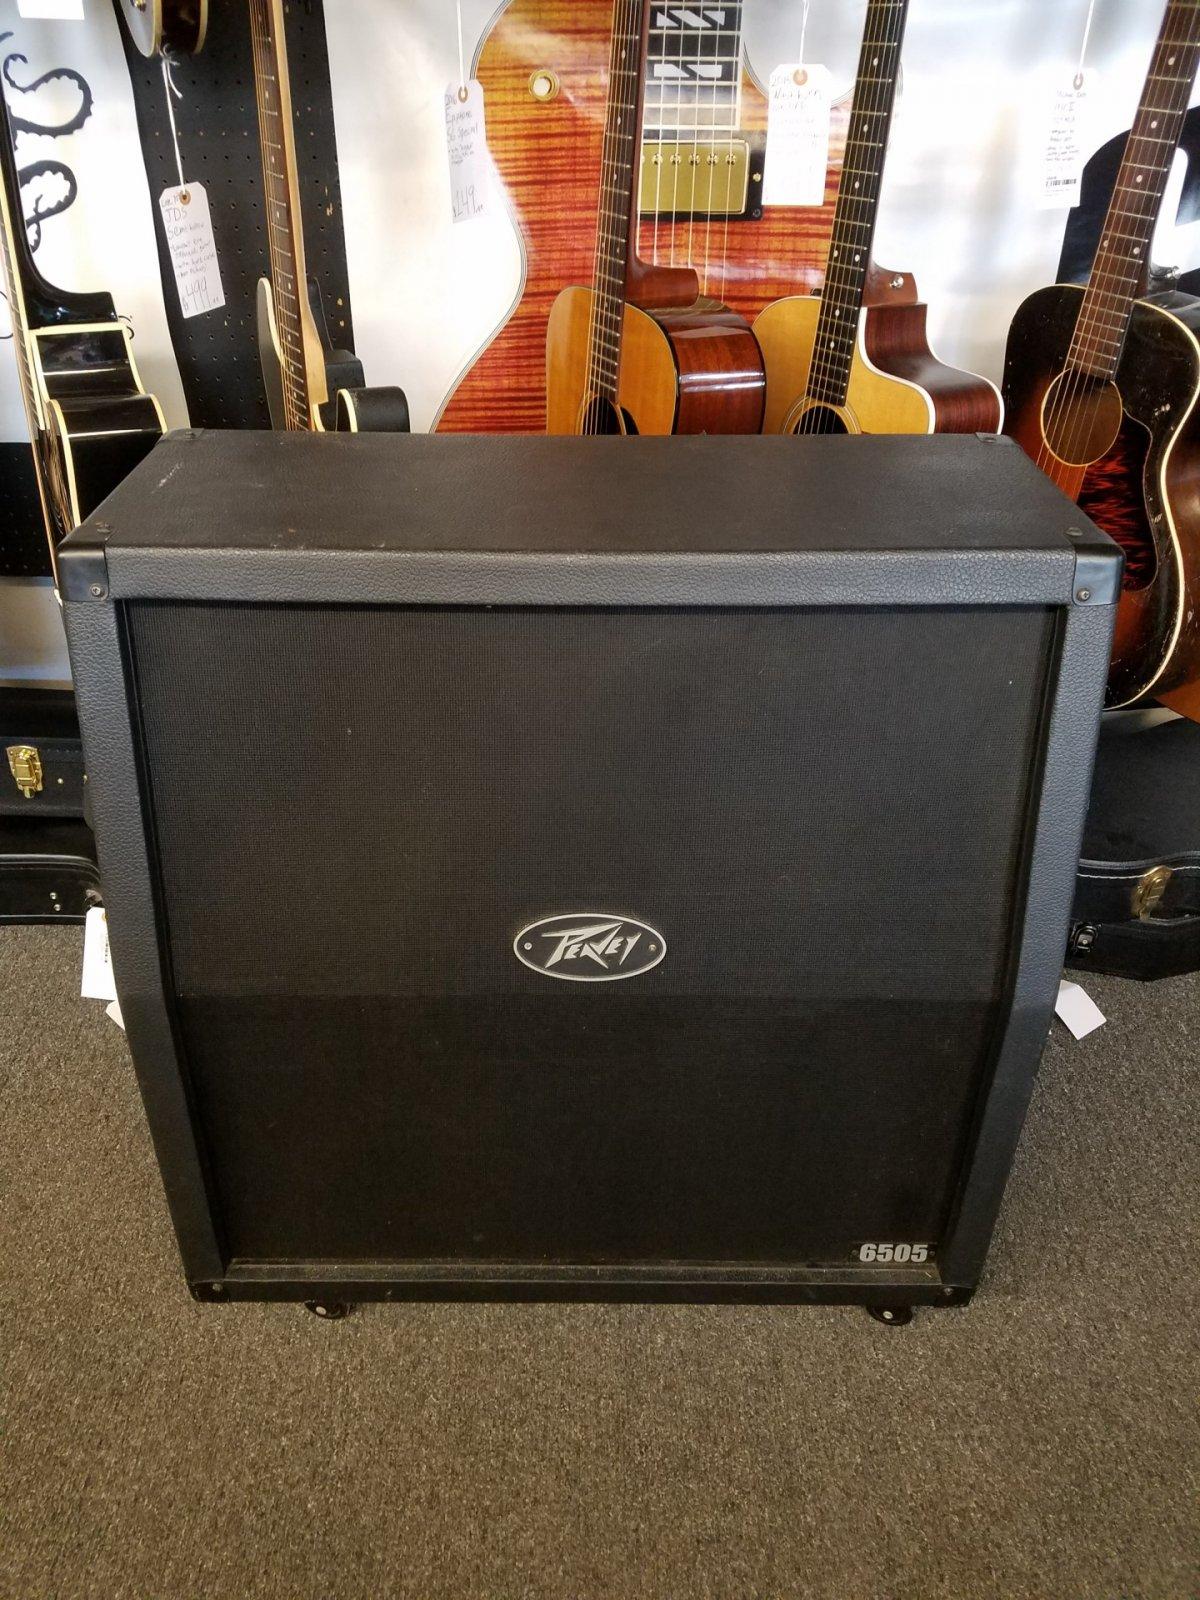 USED Peavey 6505 412 Cabinet